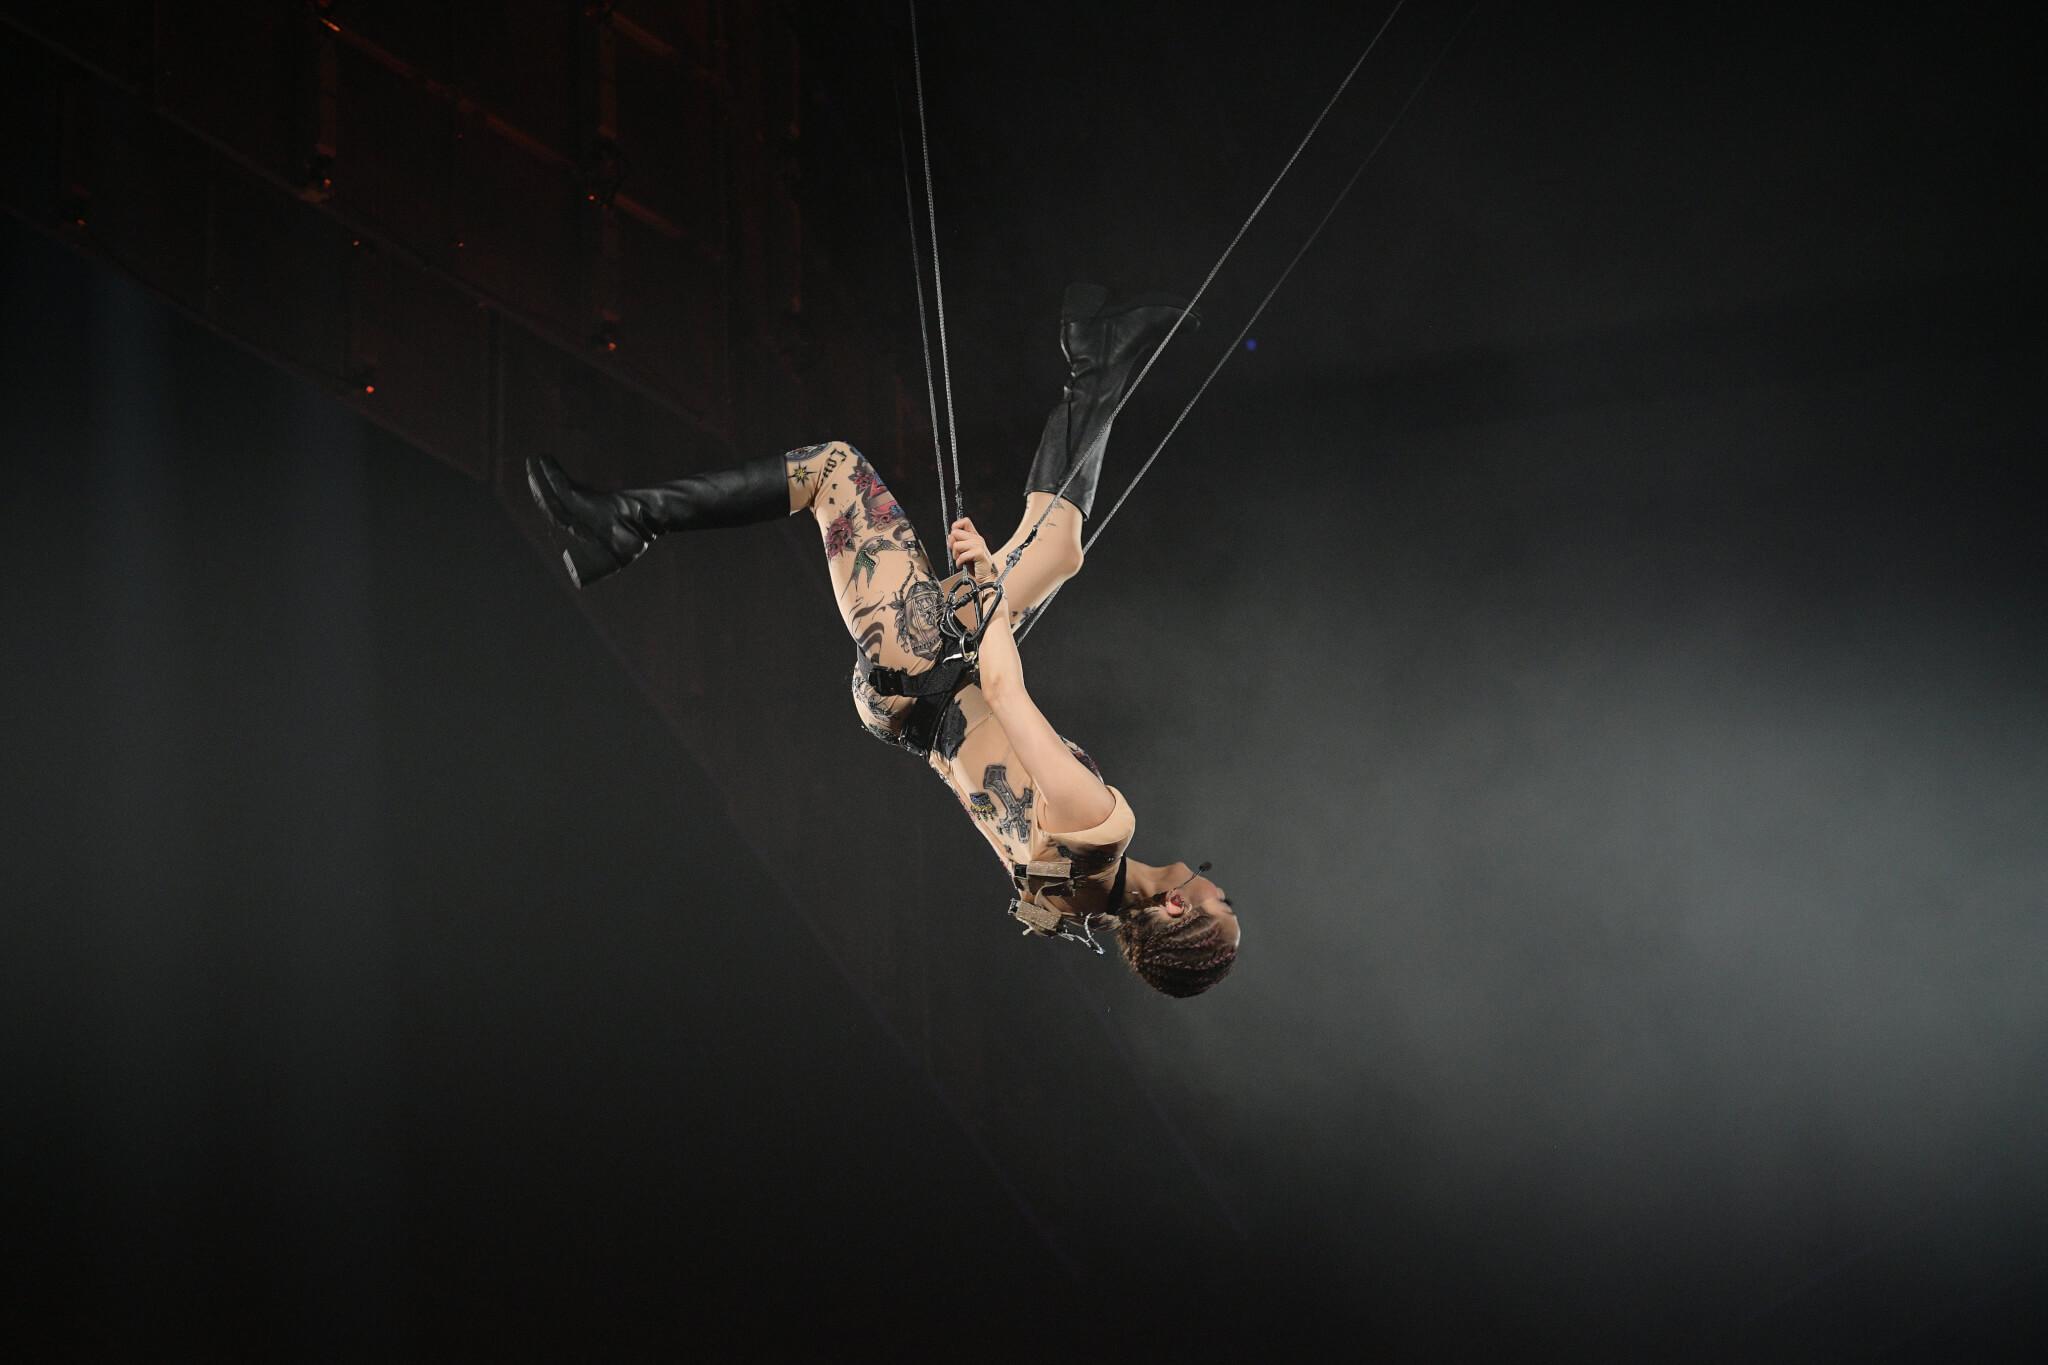 Sammi只用兩條威也吊到半空打了兩個後空翻,又在半空做出仿飛行的姿勢動作。